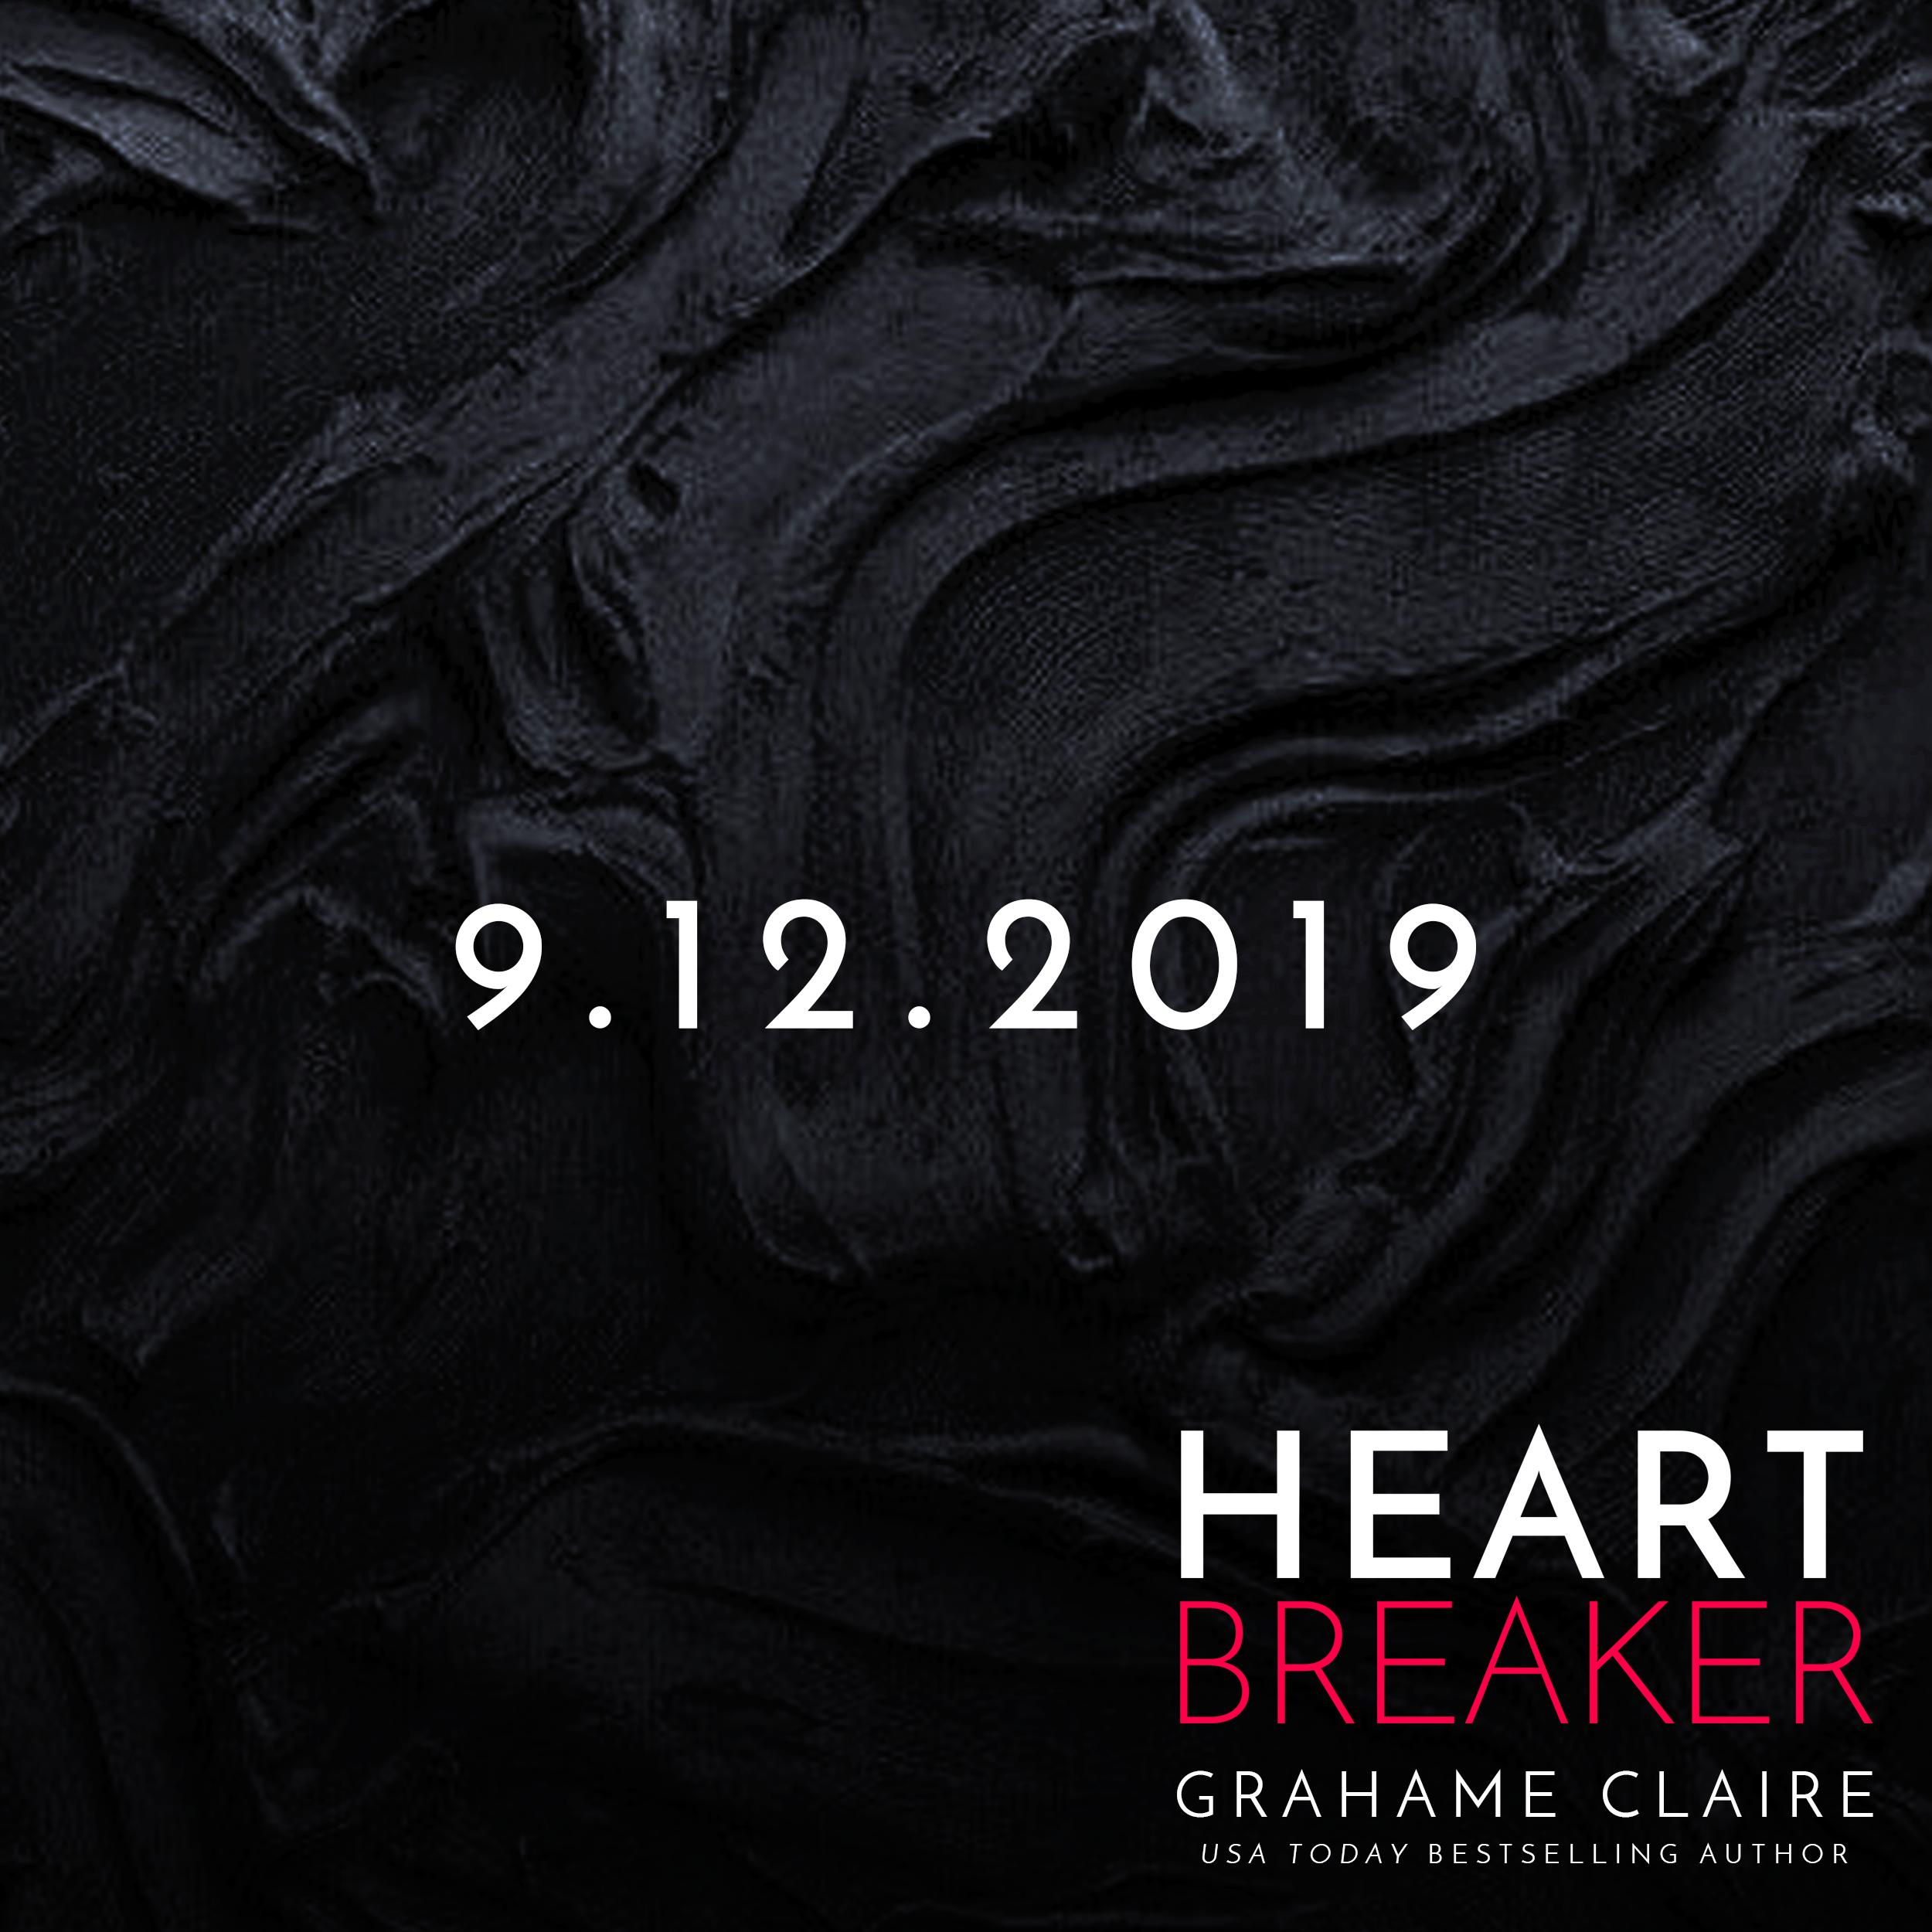 heartbreaker date.png